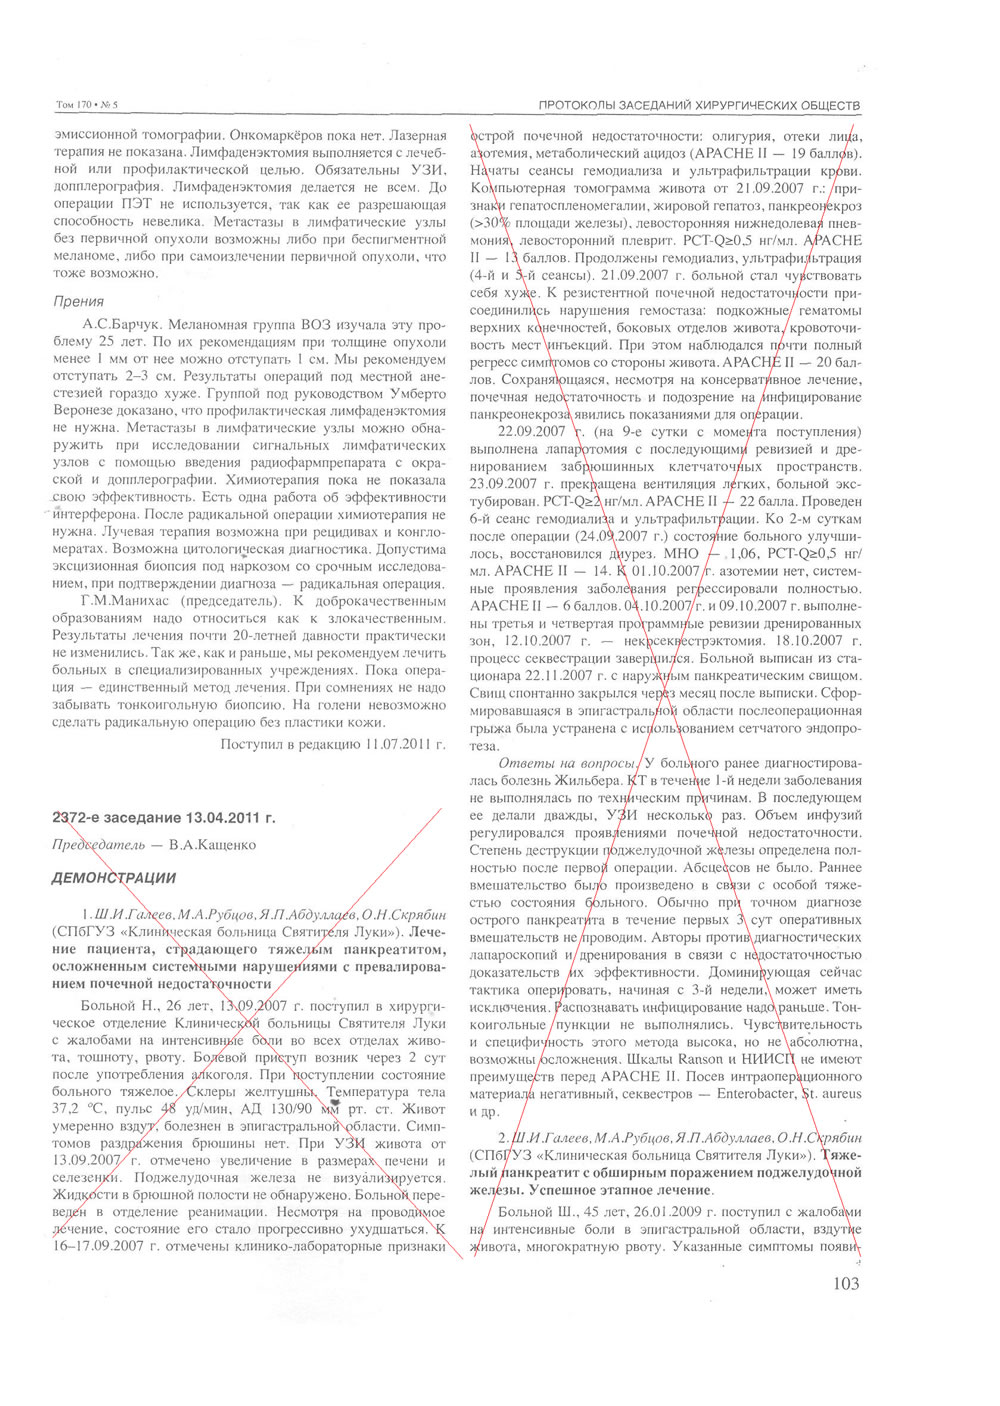 Лечение меланомы в России. Просто переписка.